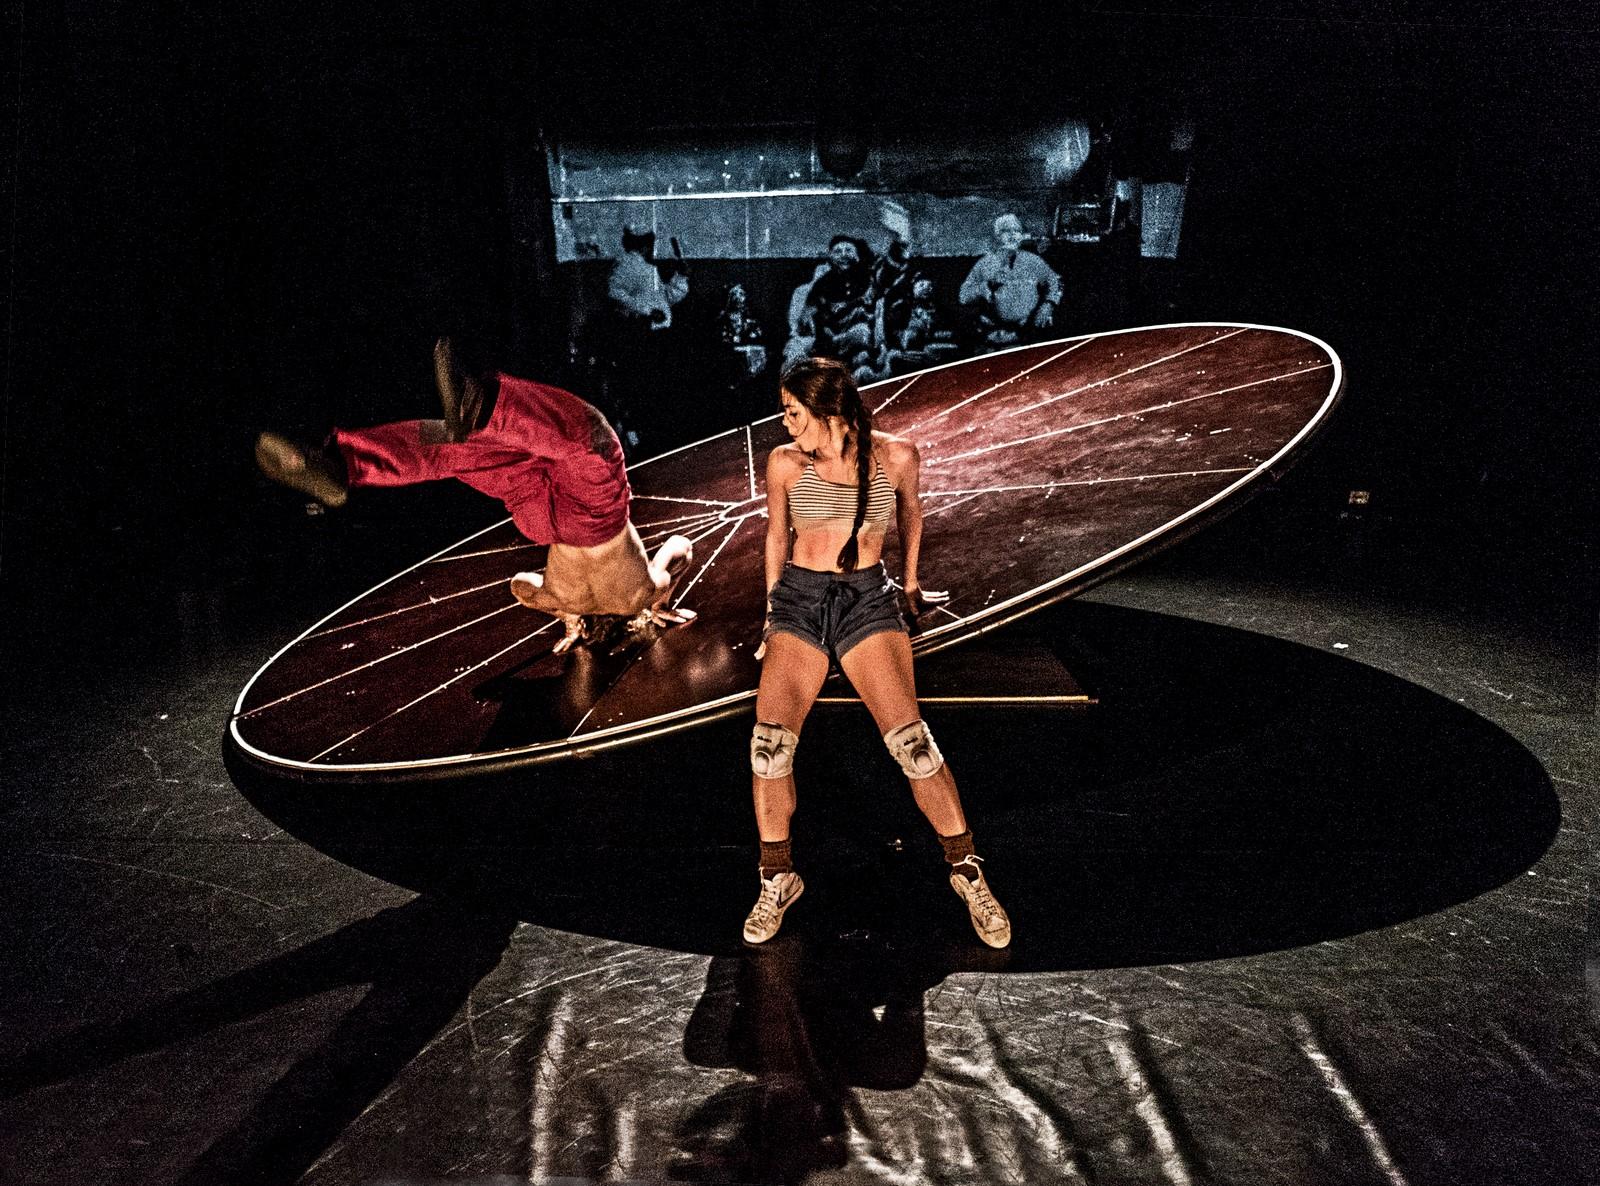 Anmeldelse: Human in balance, Teater V (Don Gnu og Bora Bora)